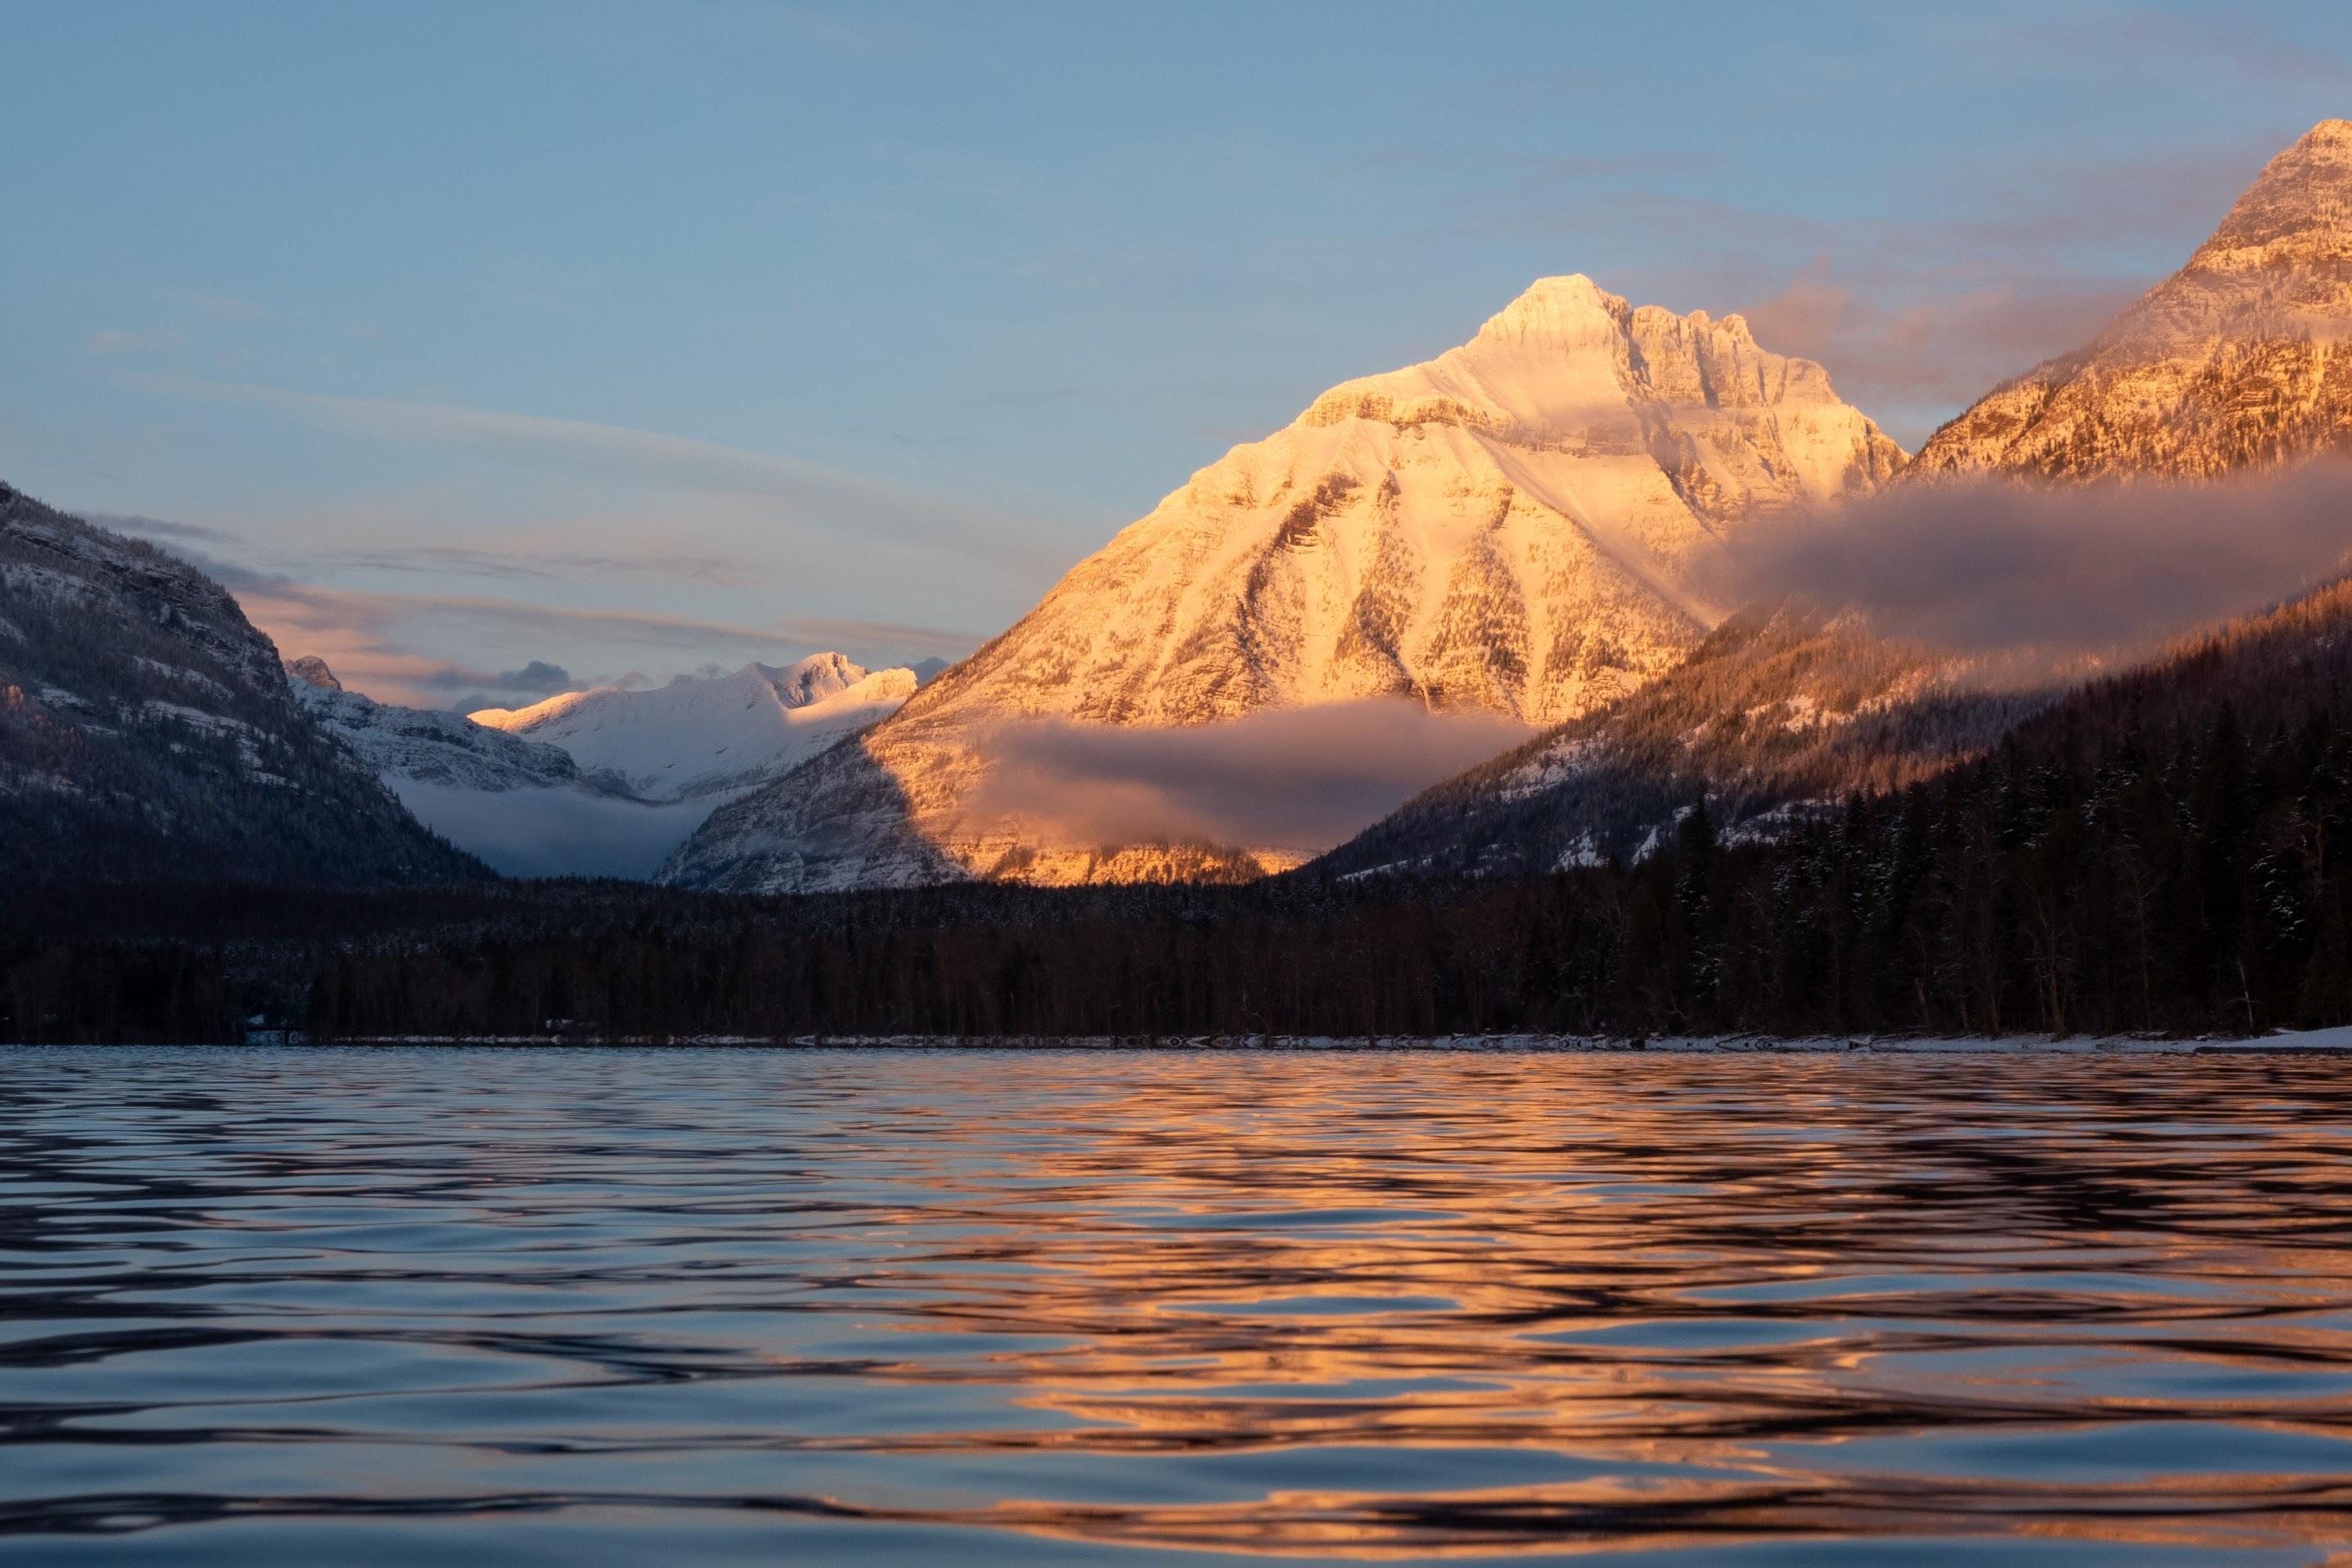 Sunset on Cannon Mountain